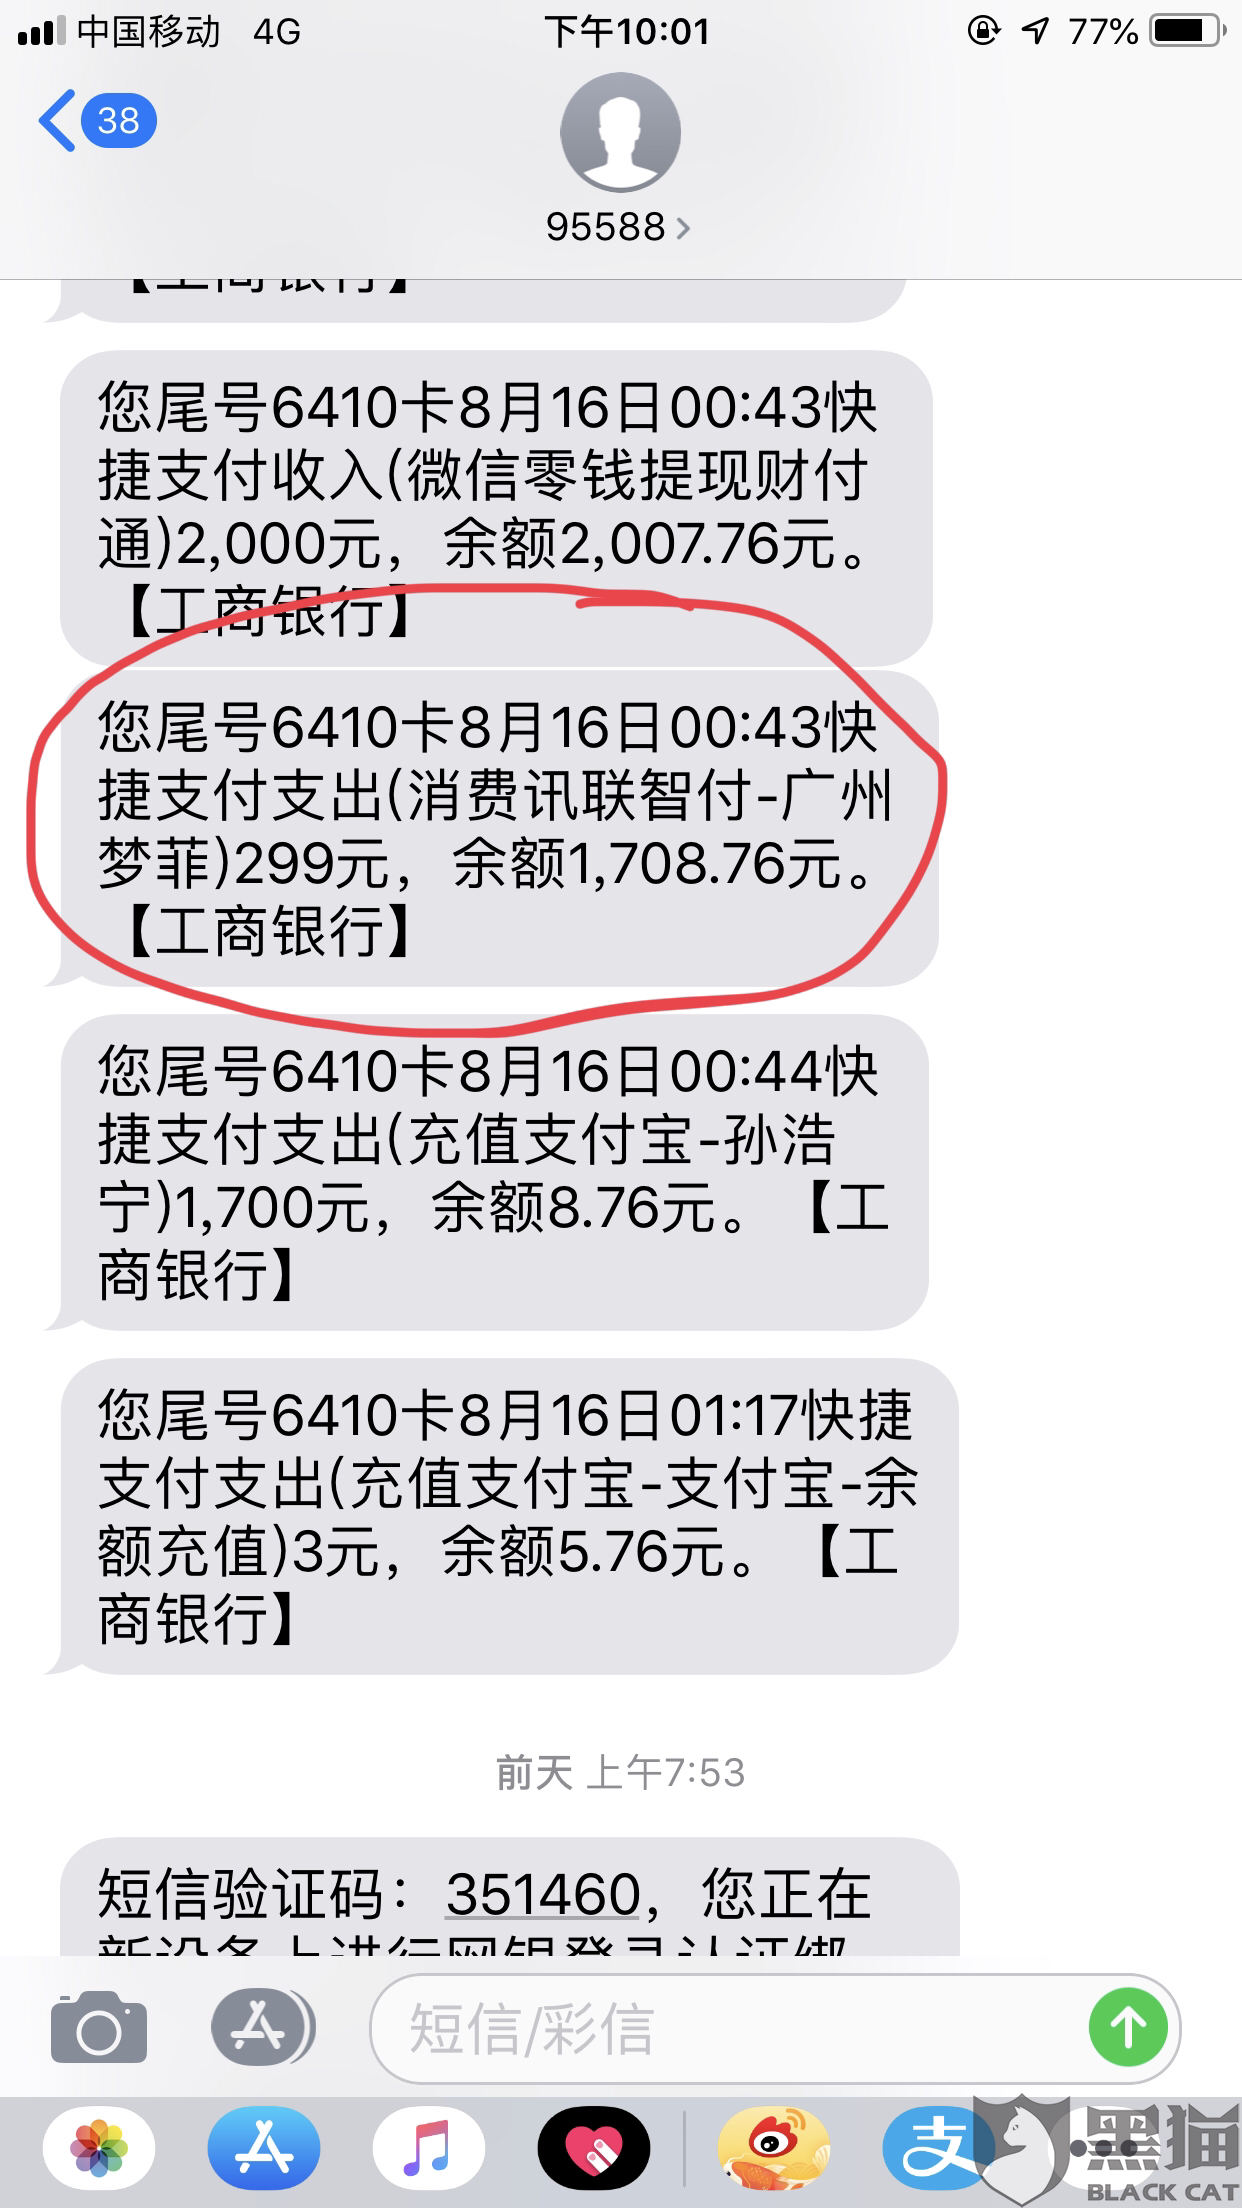 黑猫投诉:广州梦菲讯联智付,还有工商银行,搞什么鬼,钱是你们的吗?盗窃行为